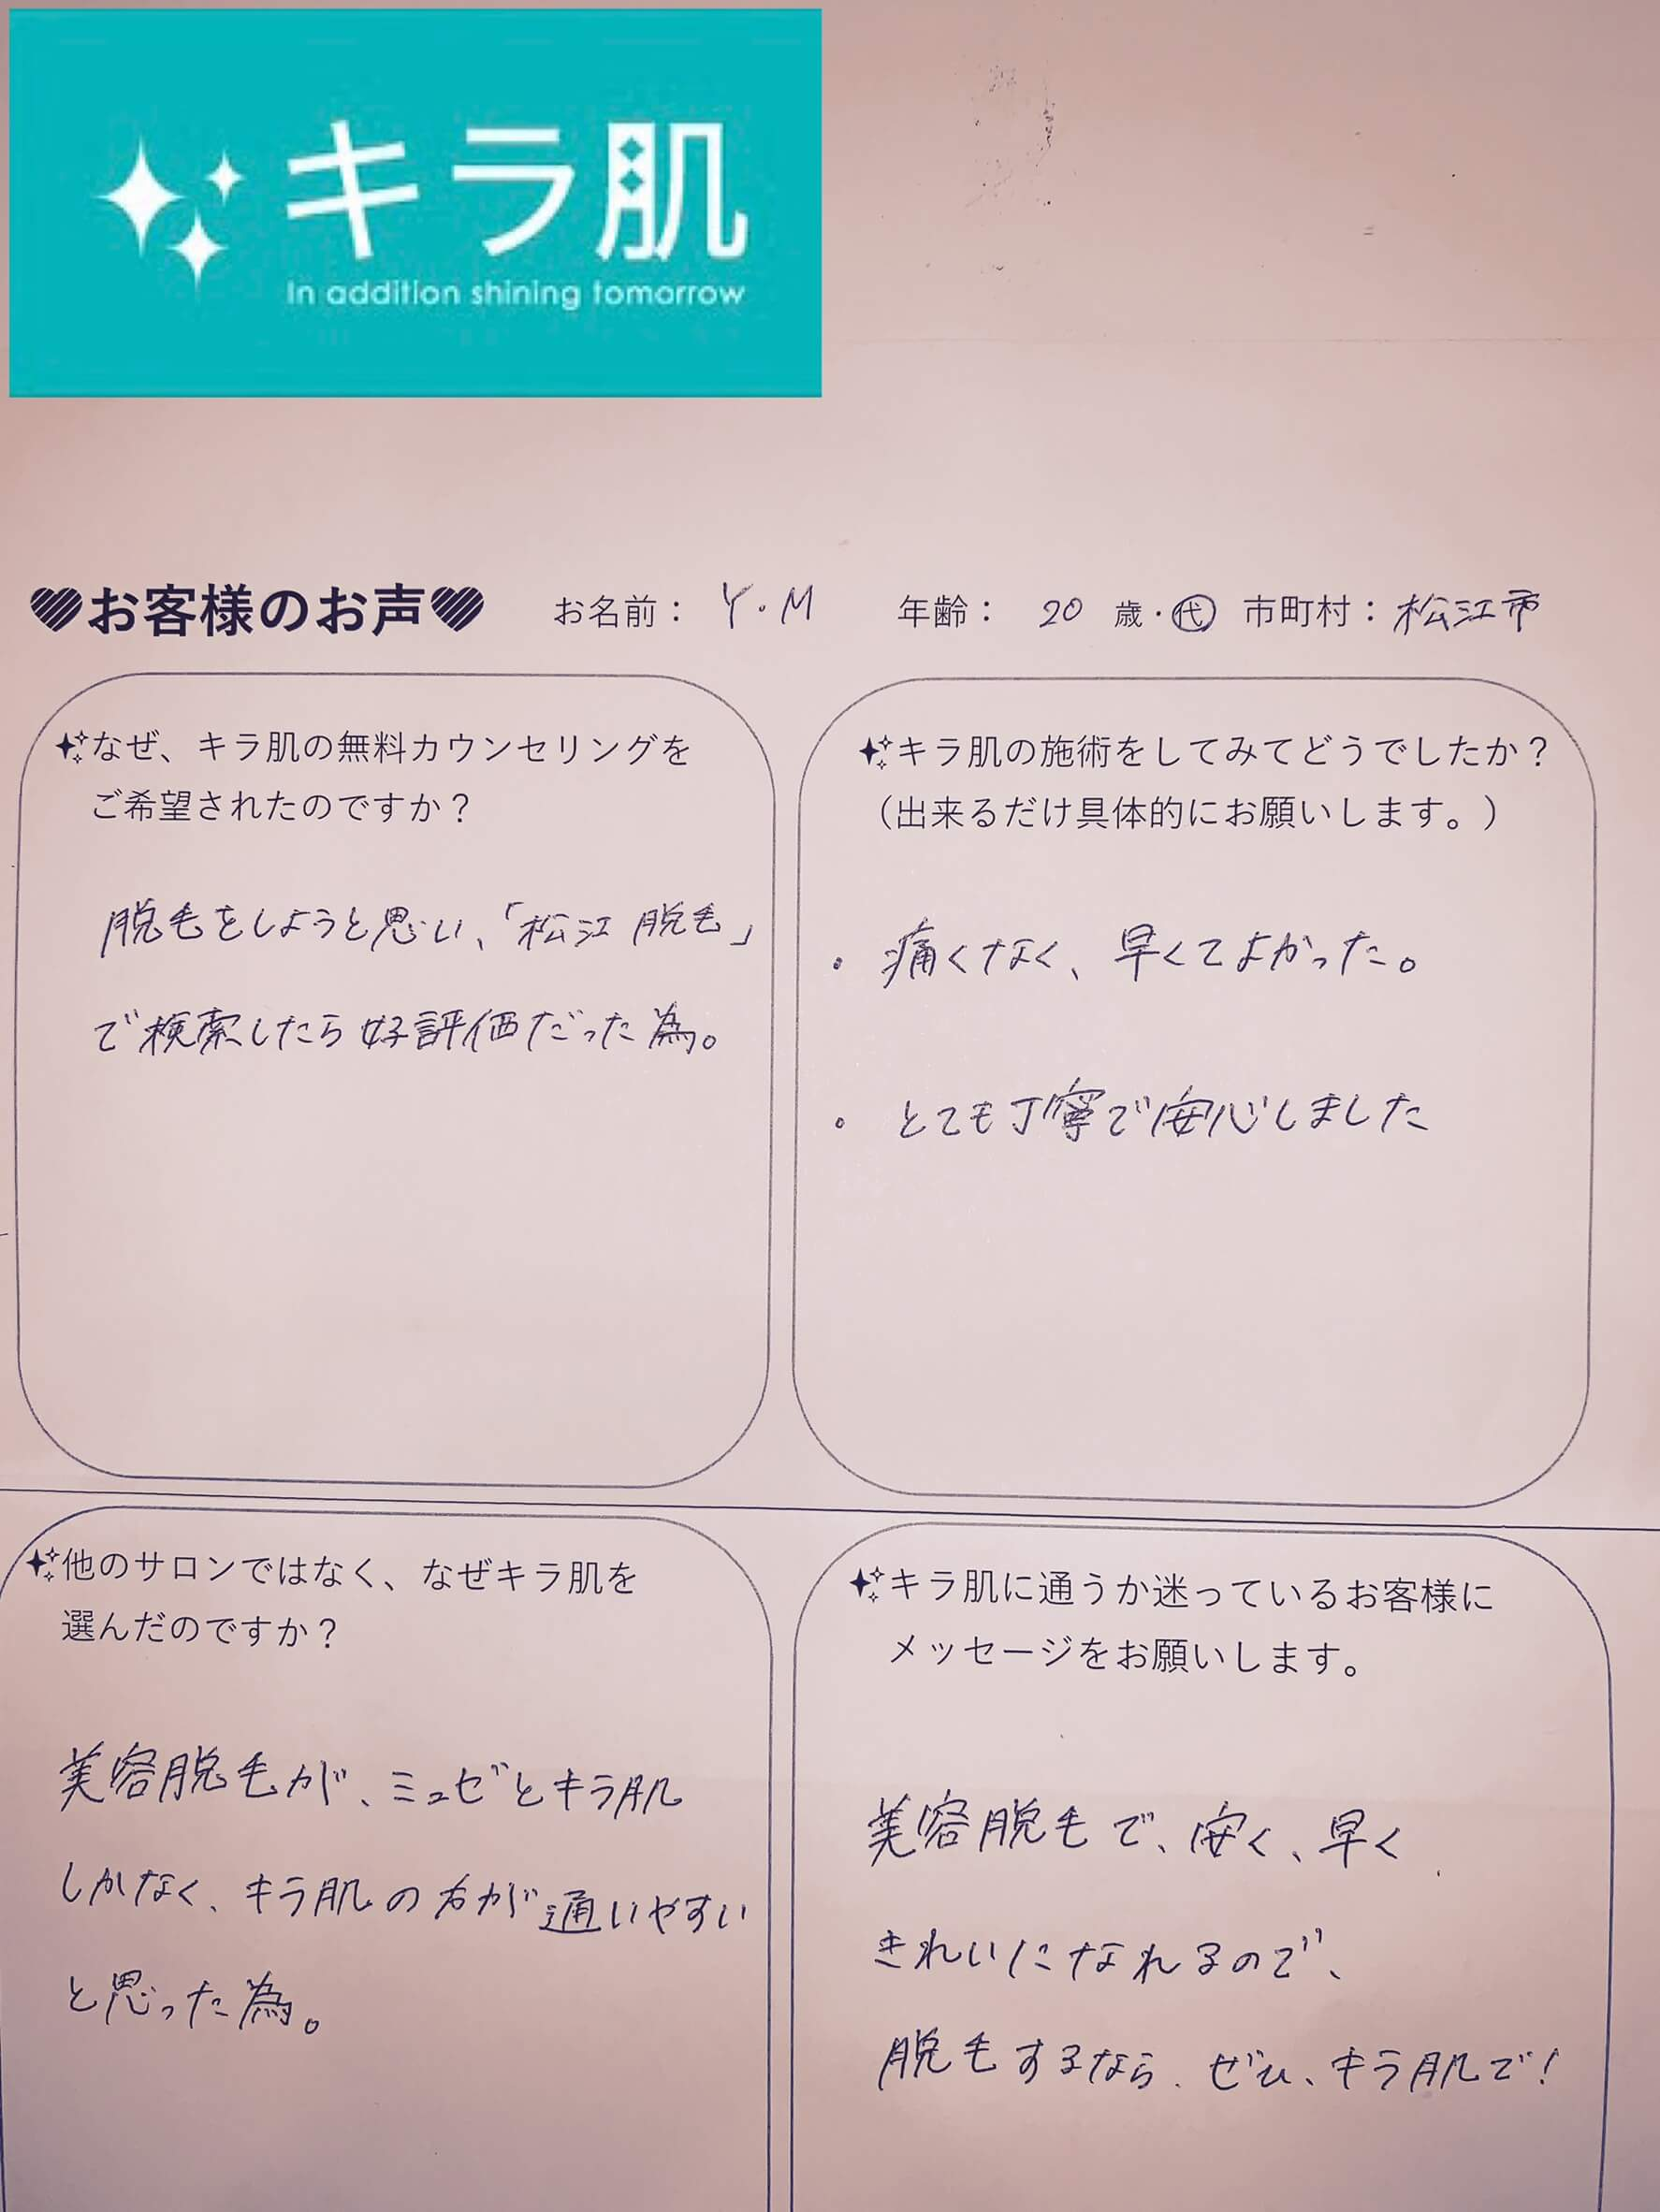 島根県松江市の脱毛サービス「キラ肌」